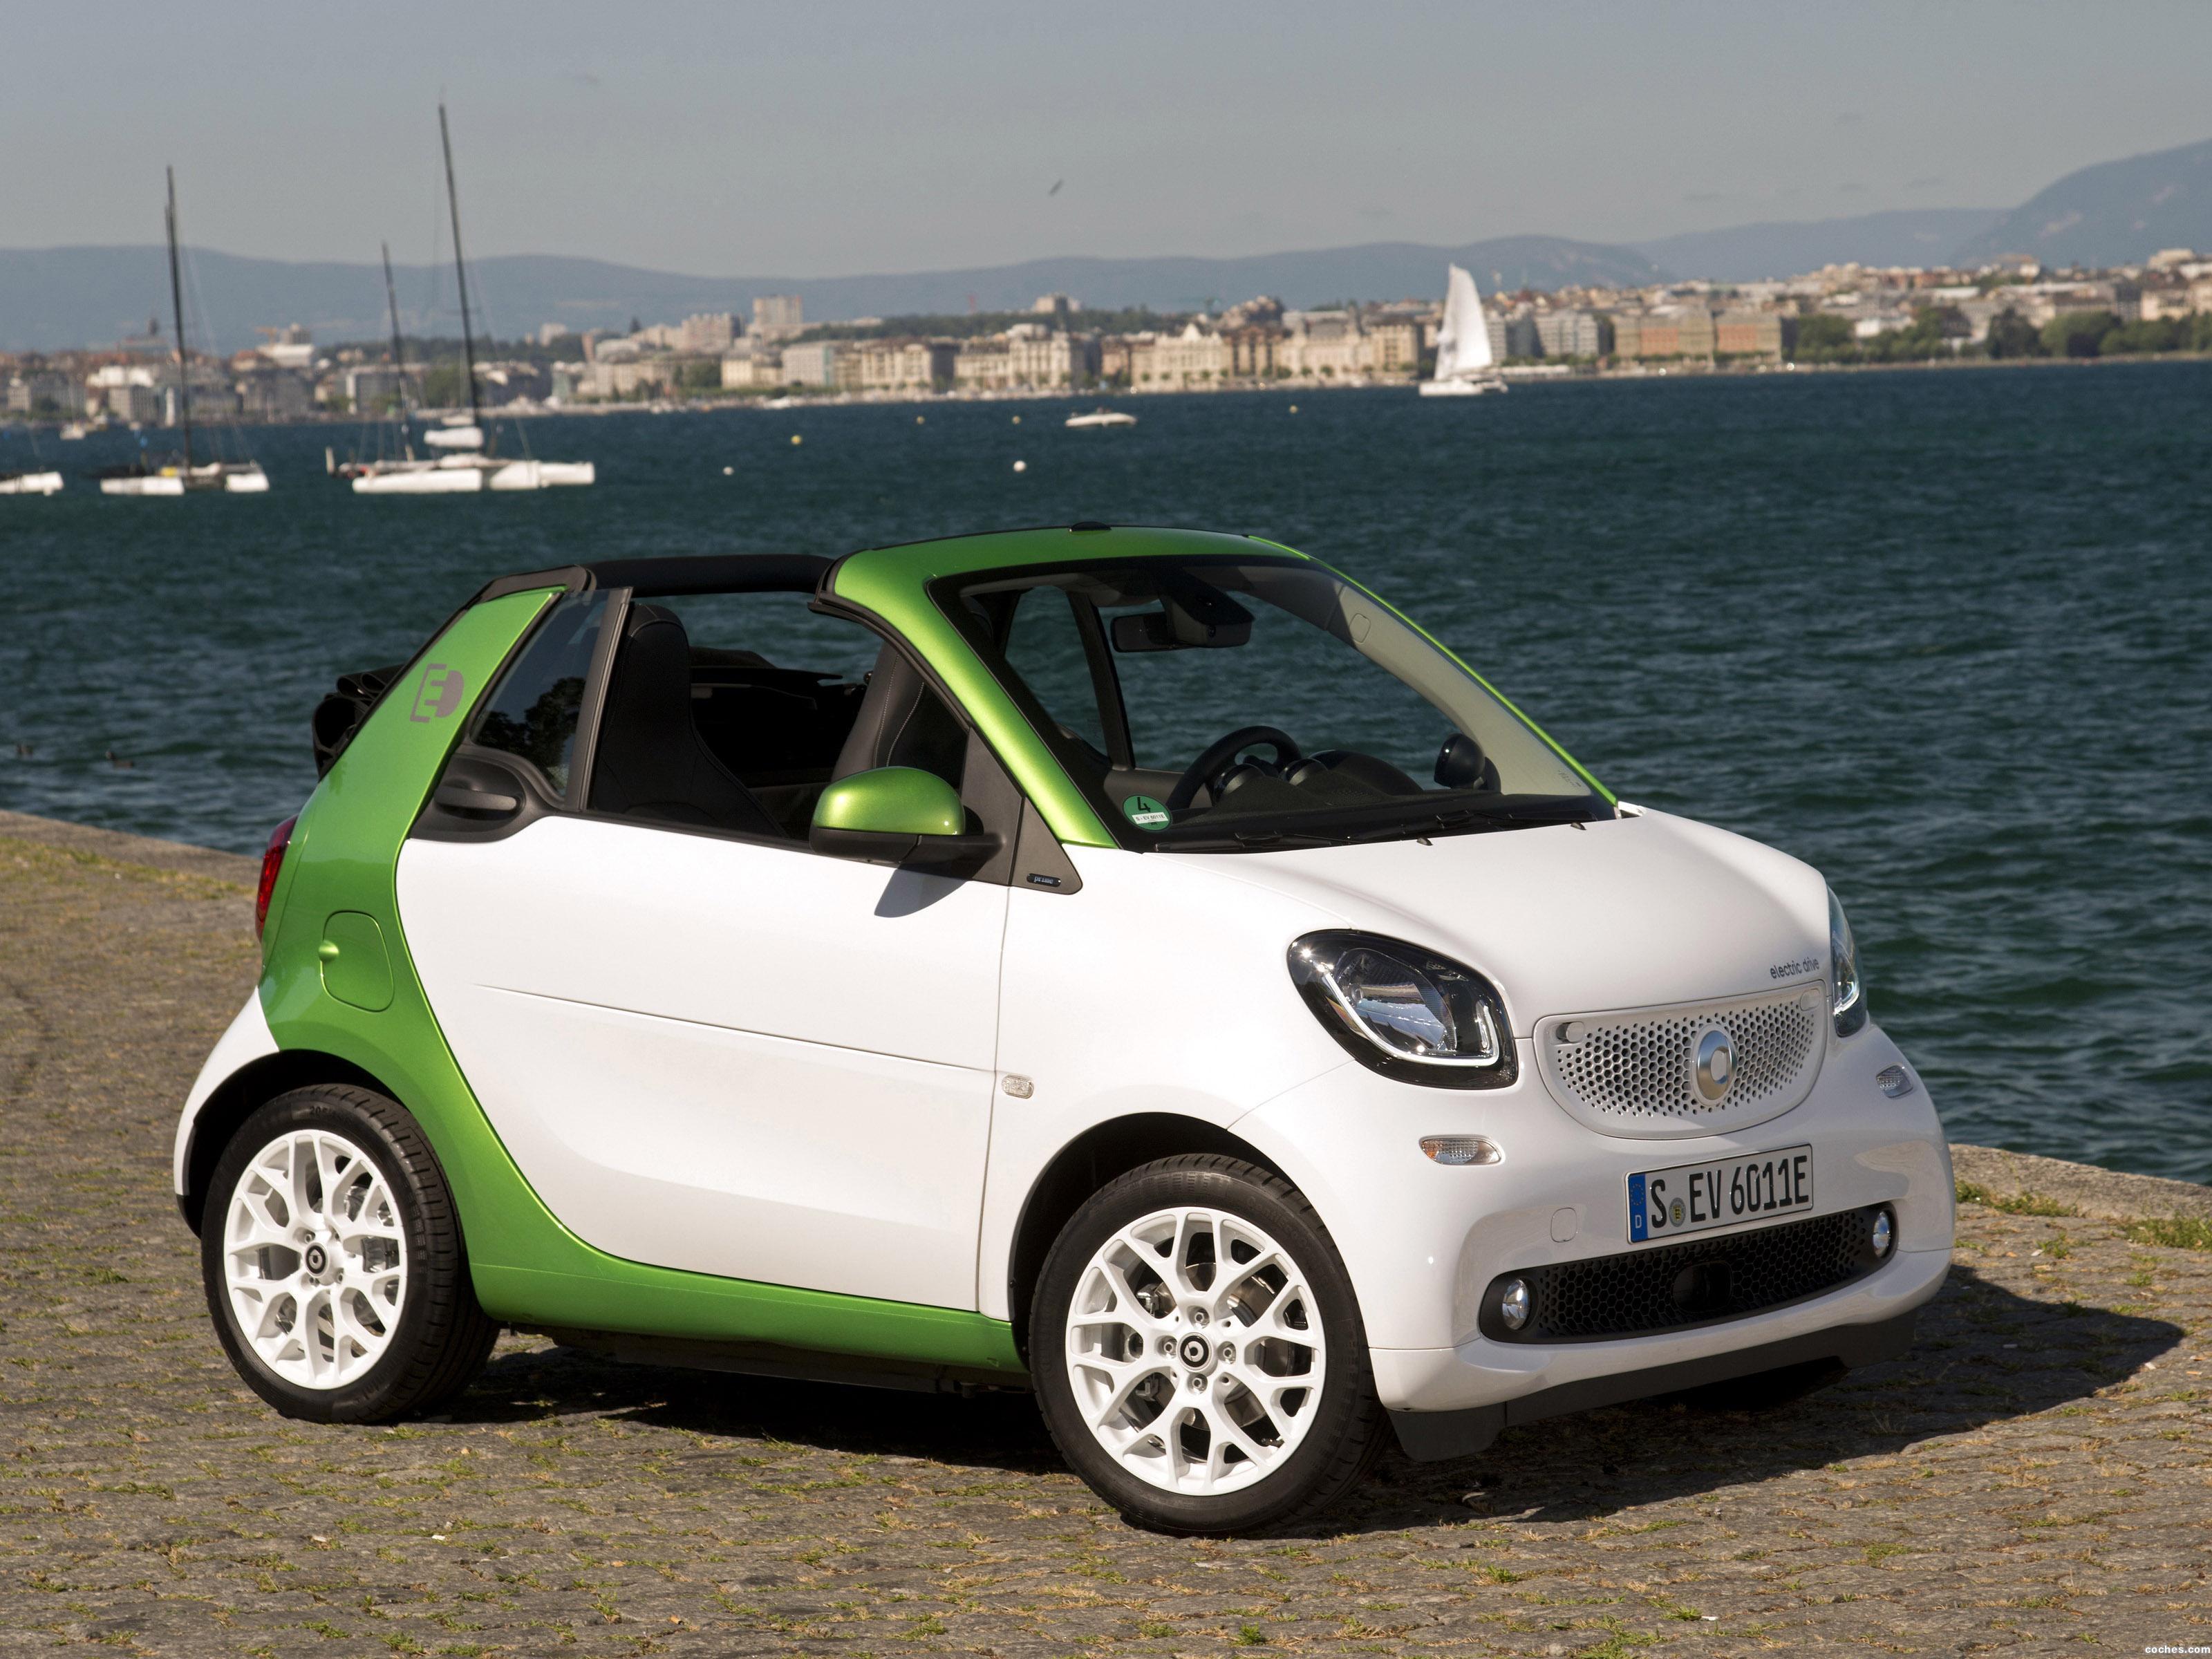 smart_fortwo-prime-electric-drive-cabrio-a453-2017_r25.jpg